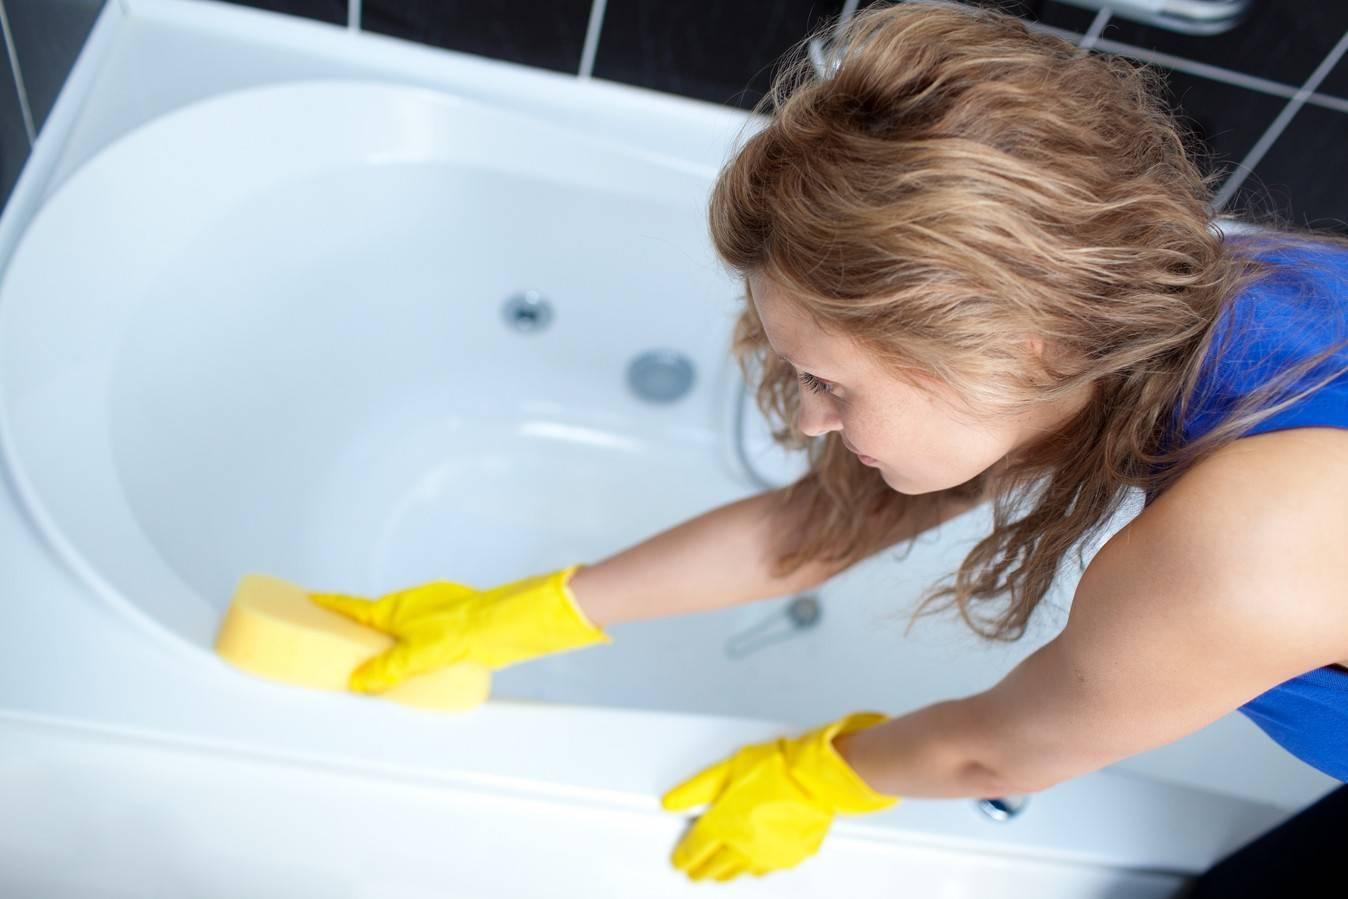 Как отбелить белые вещи в домашних условиях: народные рецепты и химия